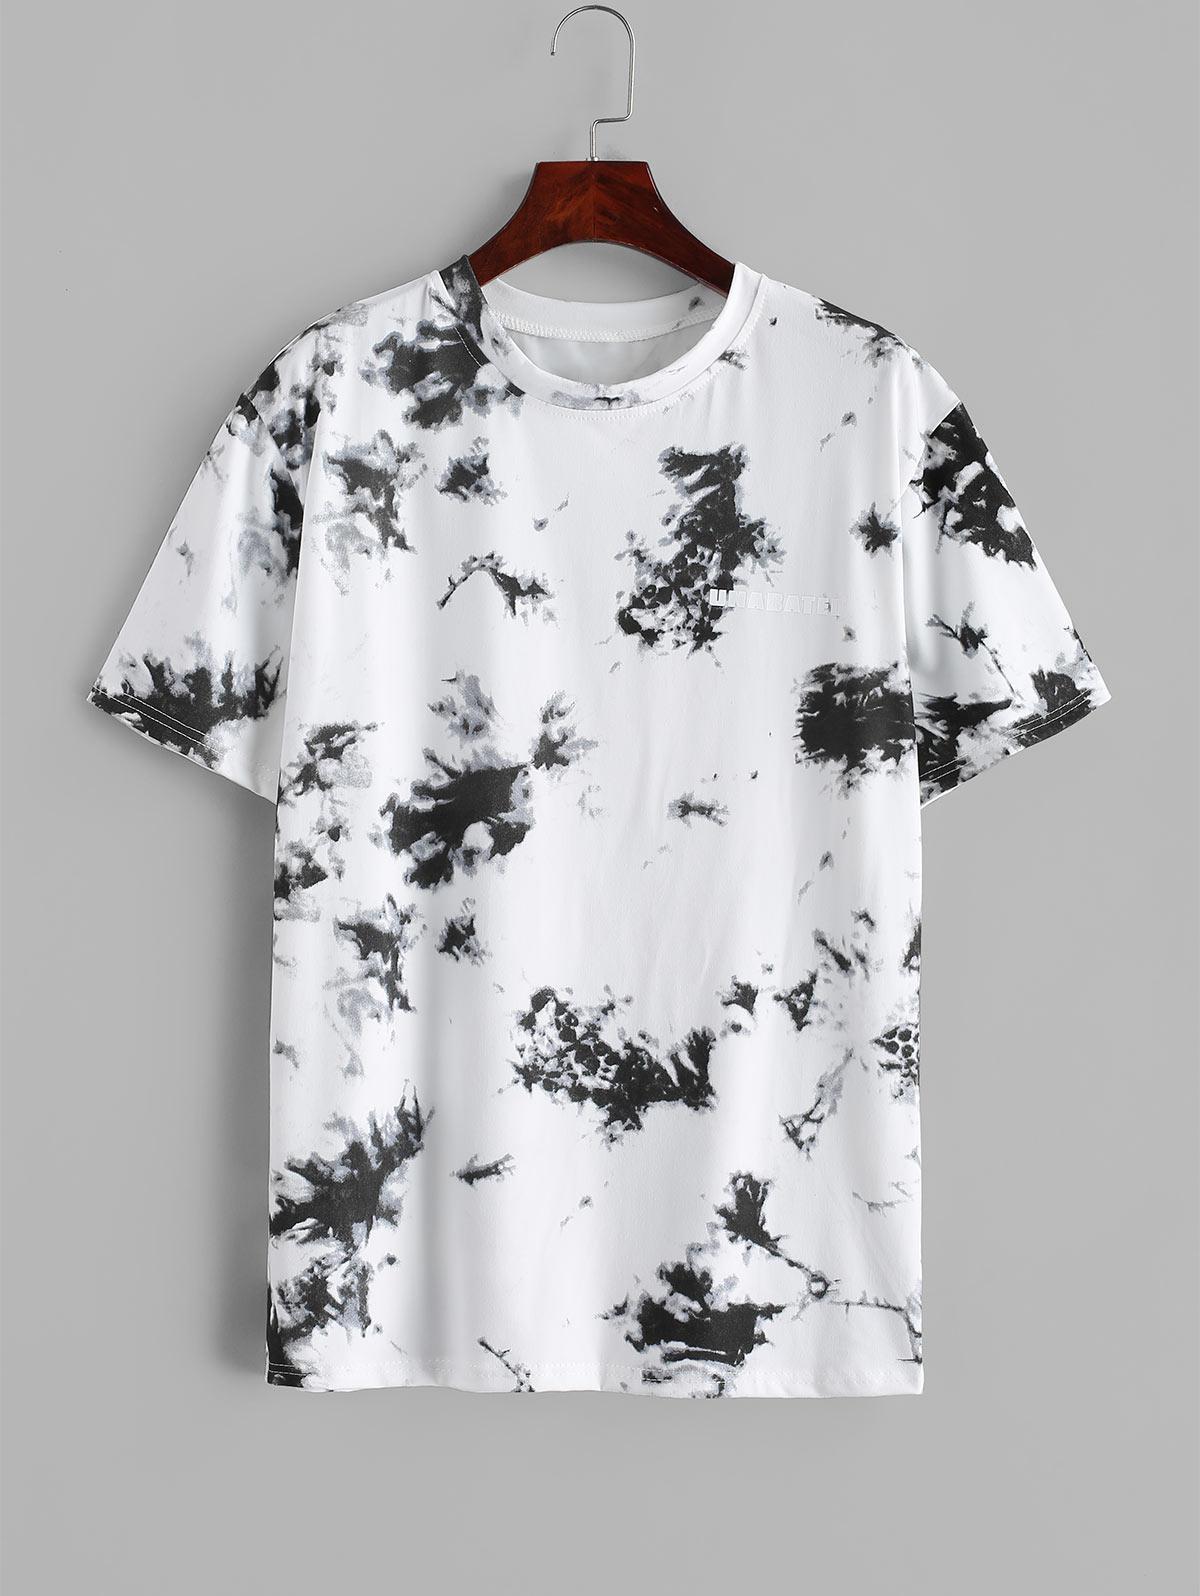 Tie Dye Letter Print Short Sleeve T-shirt